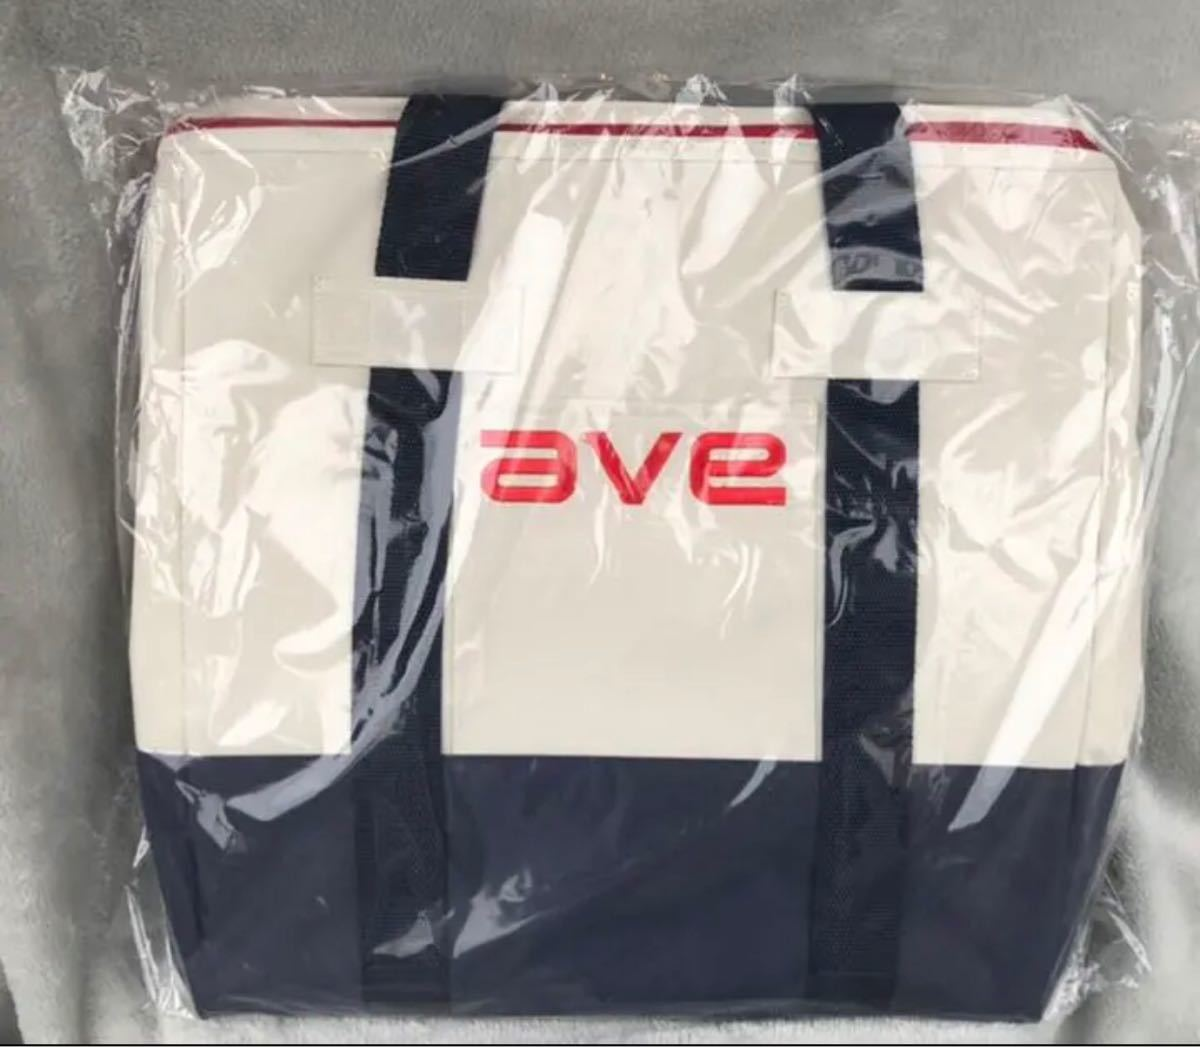 【即日発送】ave  保冷バック クーラーバッグ 大容量 エイビイ コストコ  トートバッグ 2個セット